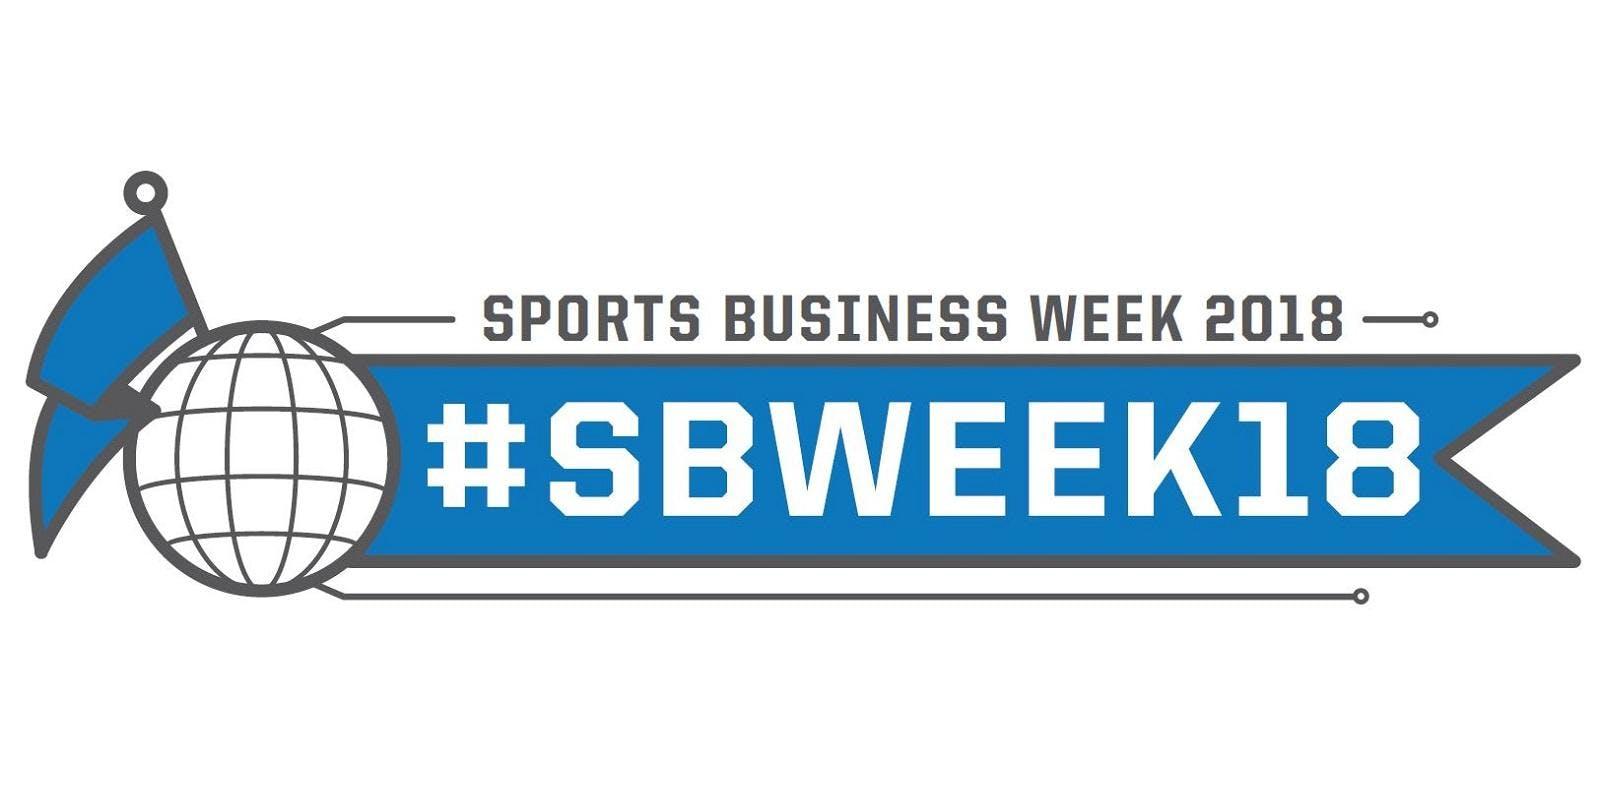 Sports Business Week 2018 - Phoenix